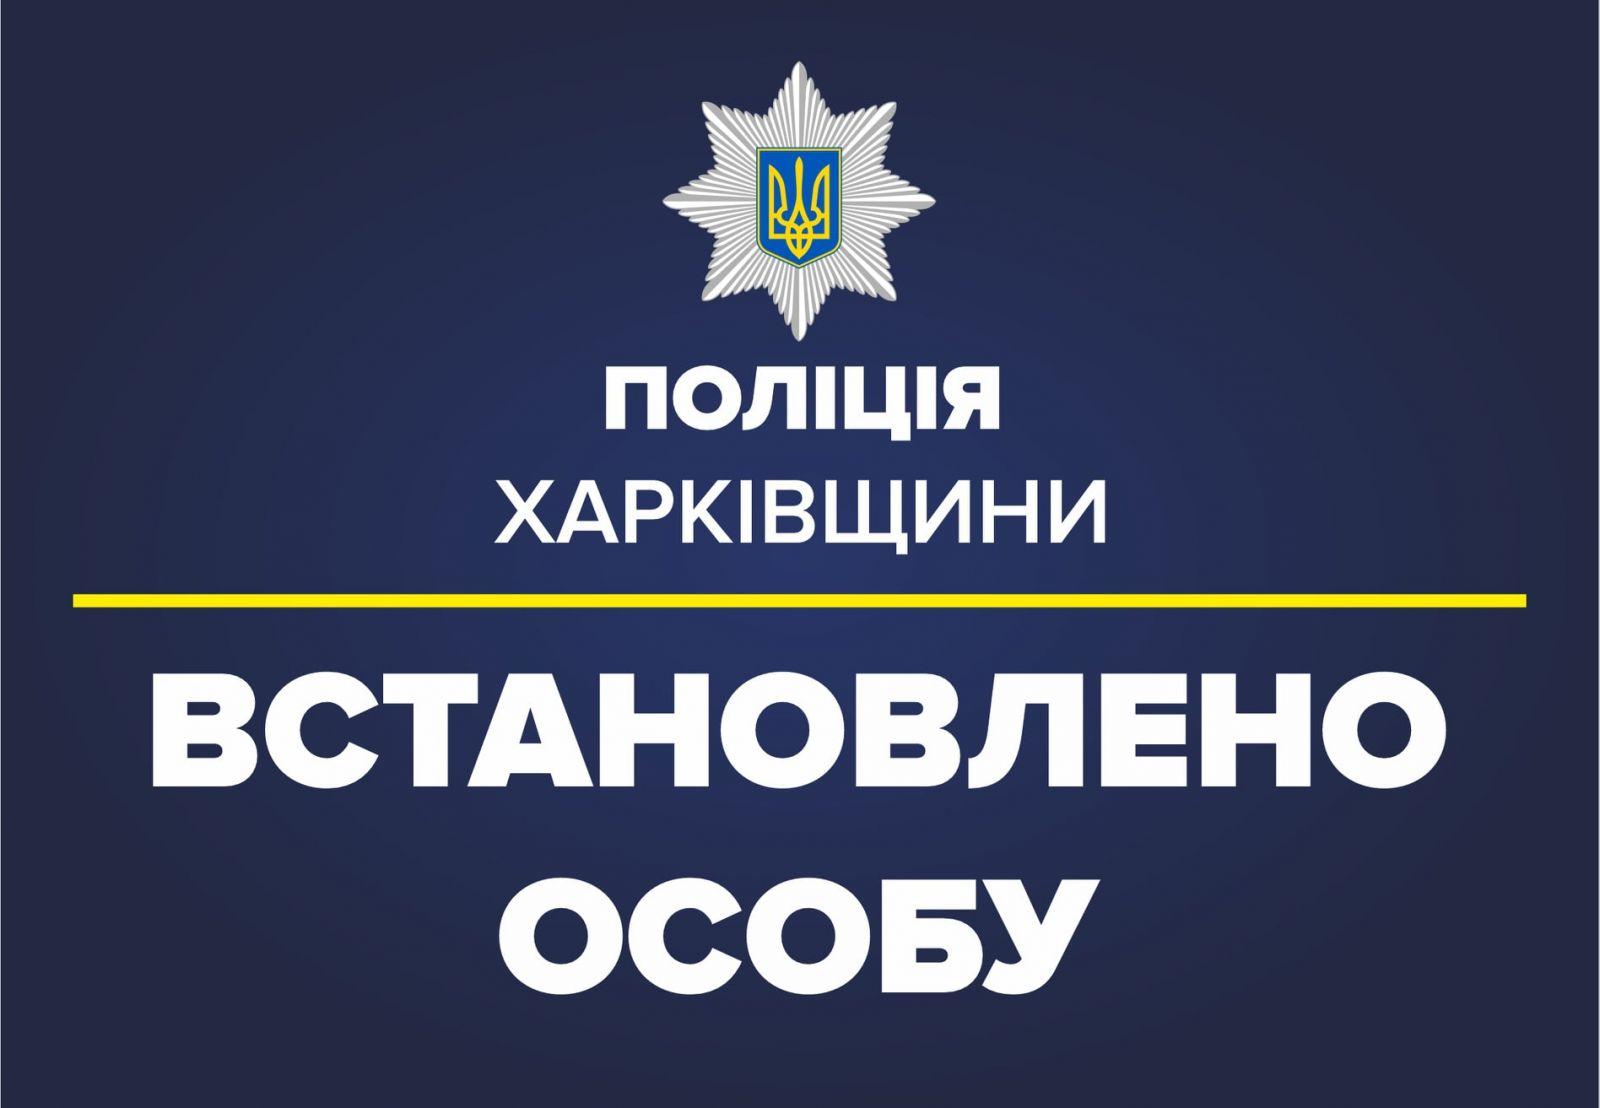 Убийцу девочки под Харьковом нашли. Новости Харькова